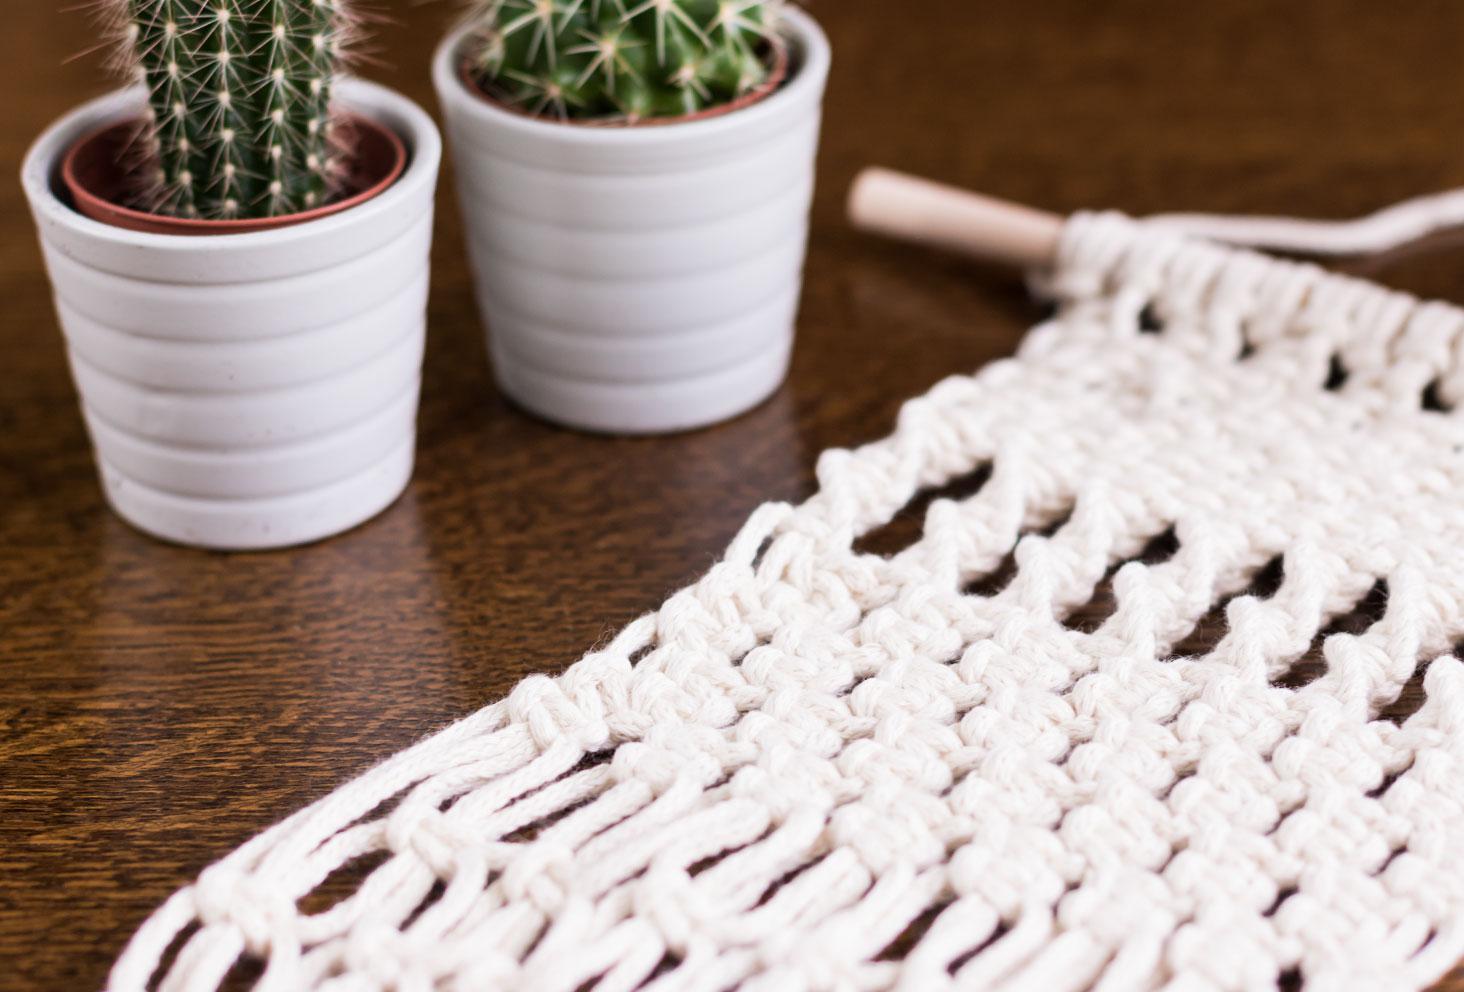 Zoom noeuds plats d'un macramé posé sur une table en bois entouré de minis cactus